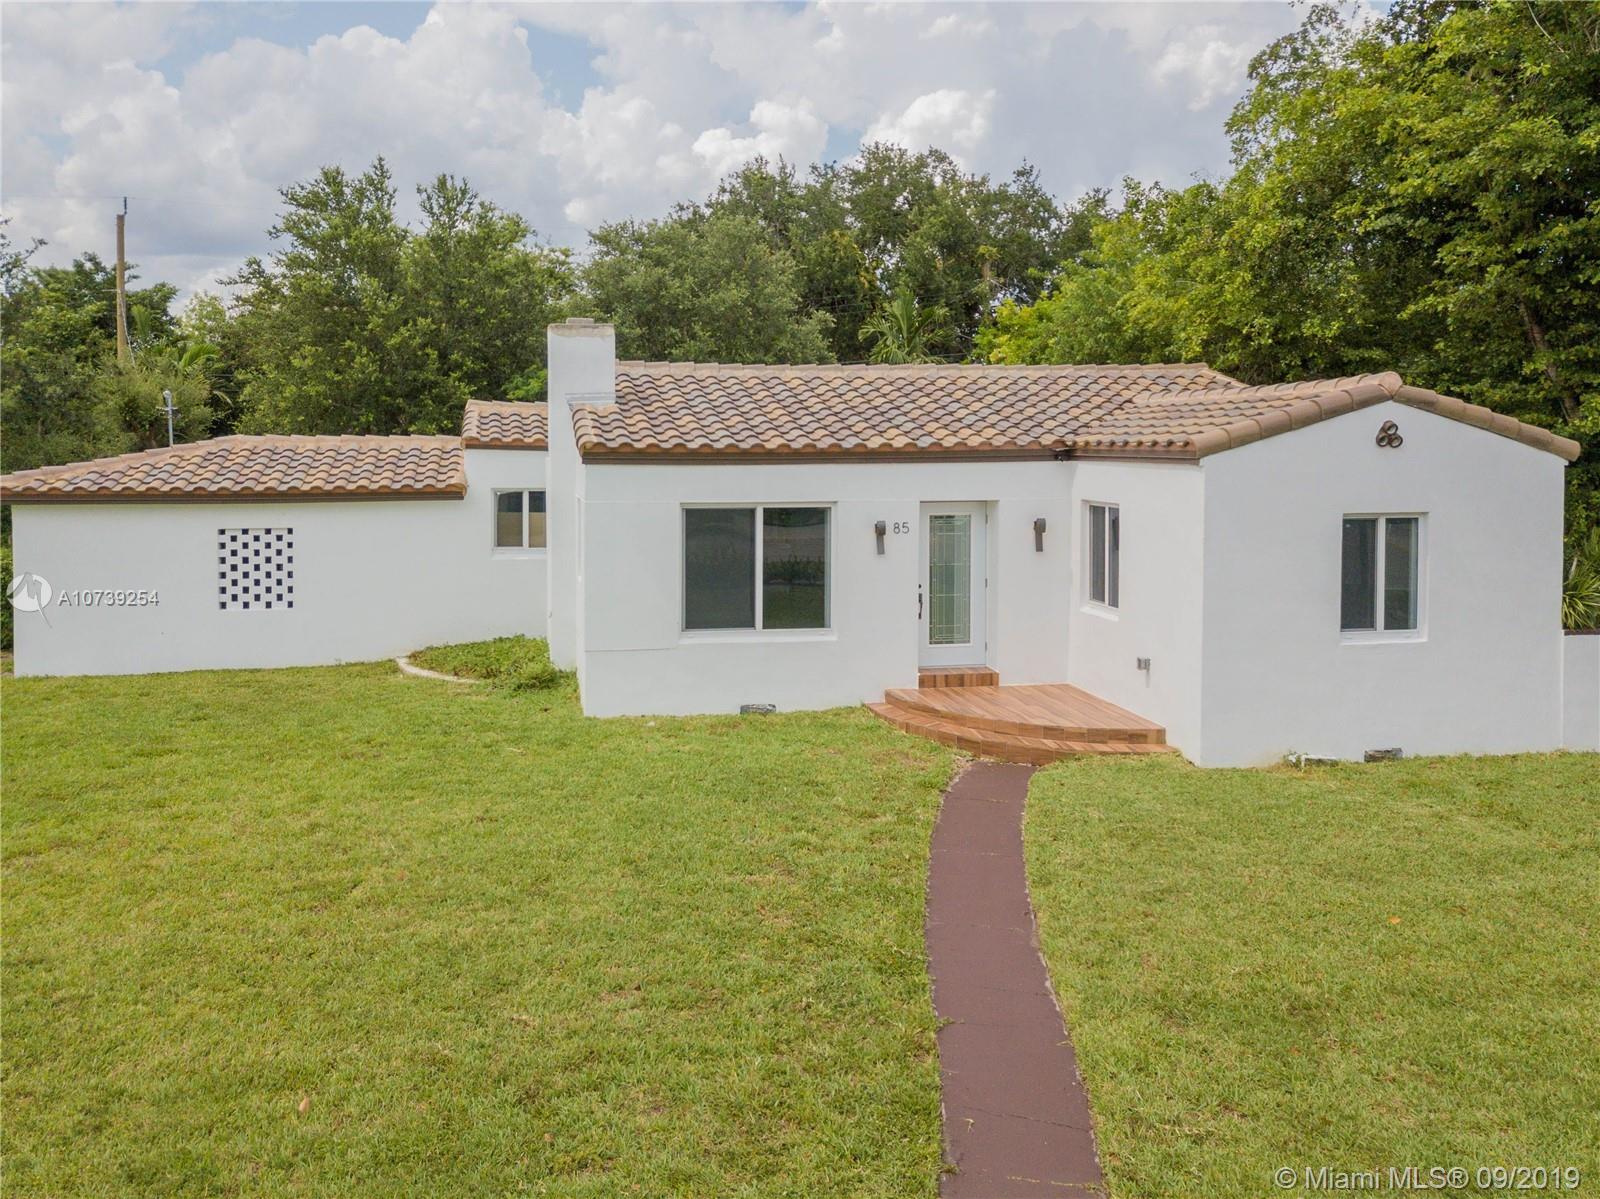 A vendre : Maison à Miami Shores